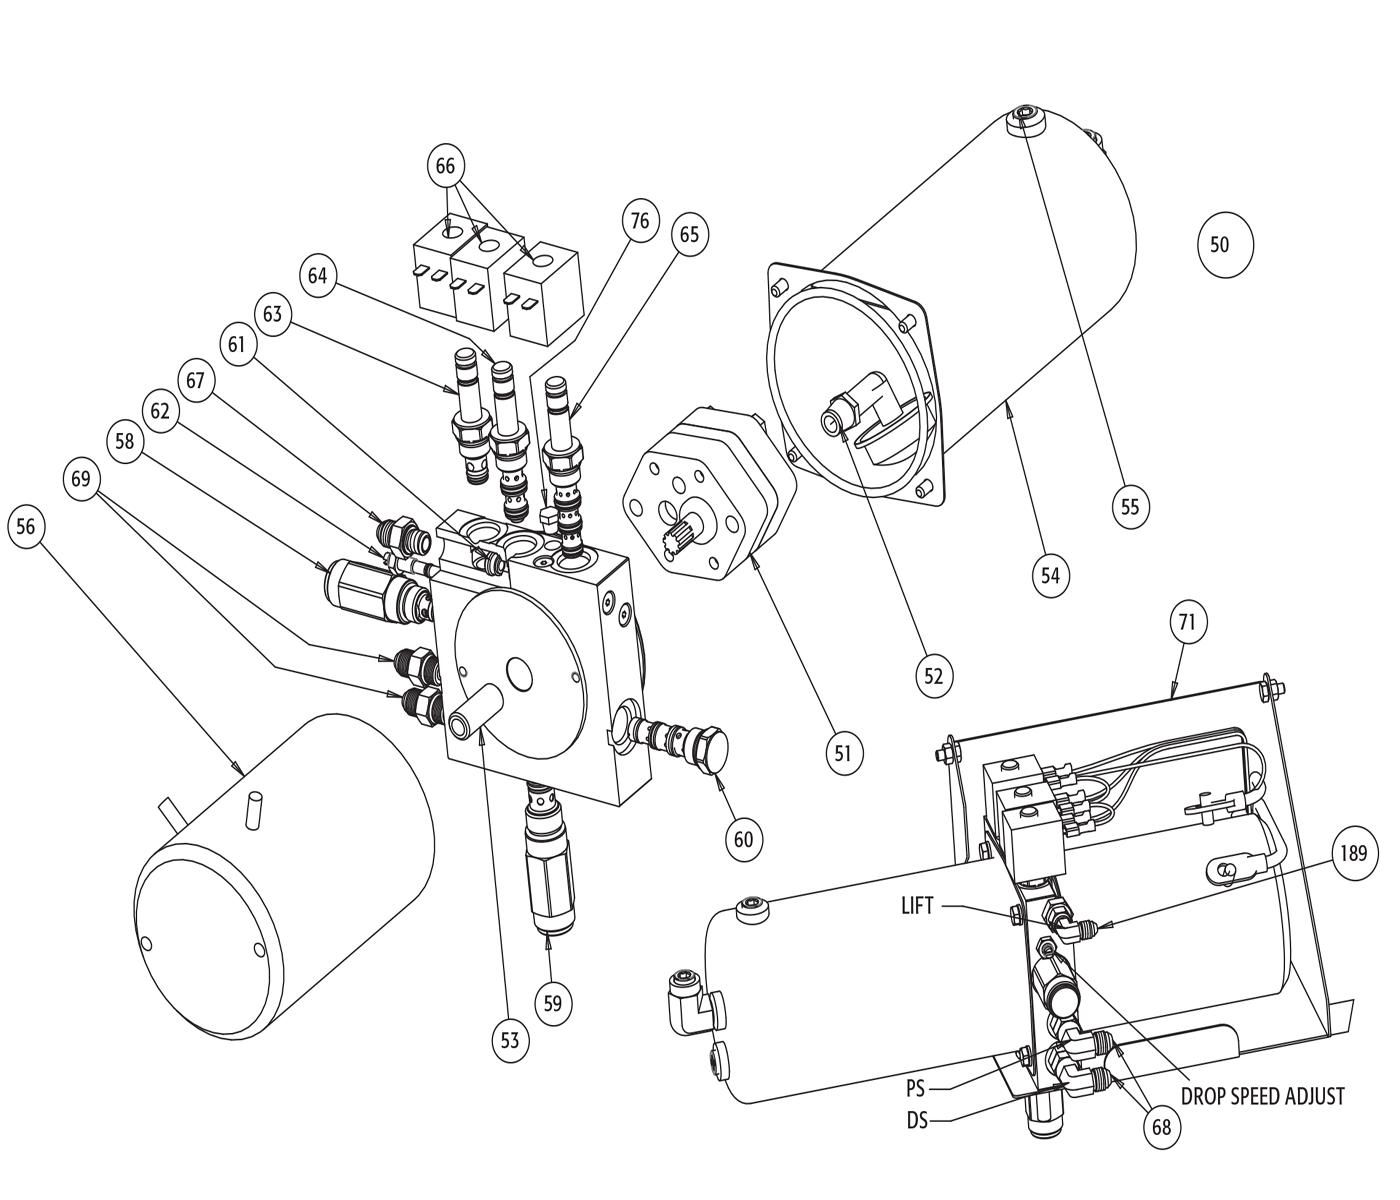 Snowdogg Md75 Wiring Diagram Ex 80 Md Hydraulic Power Unit Schematic